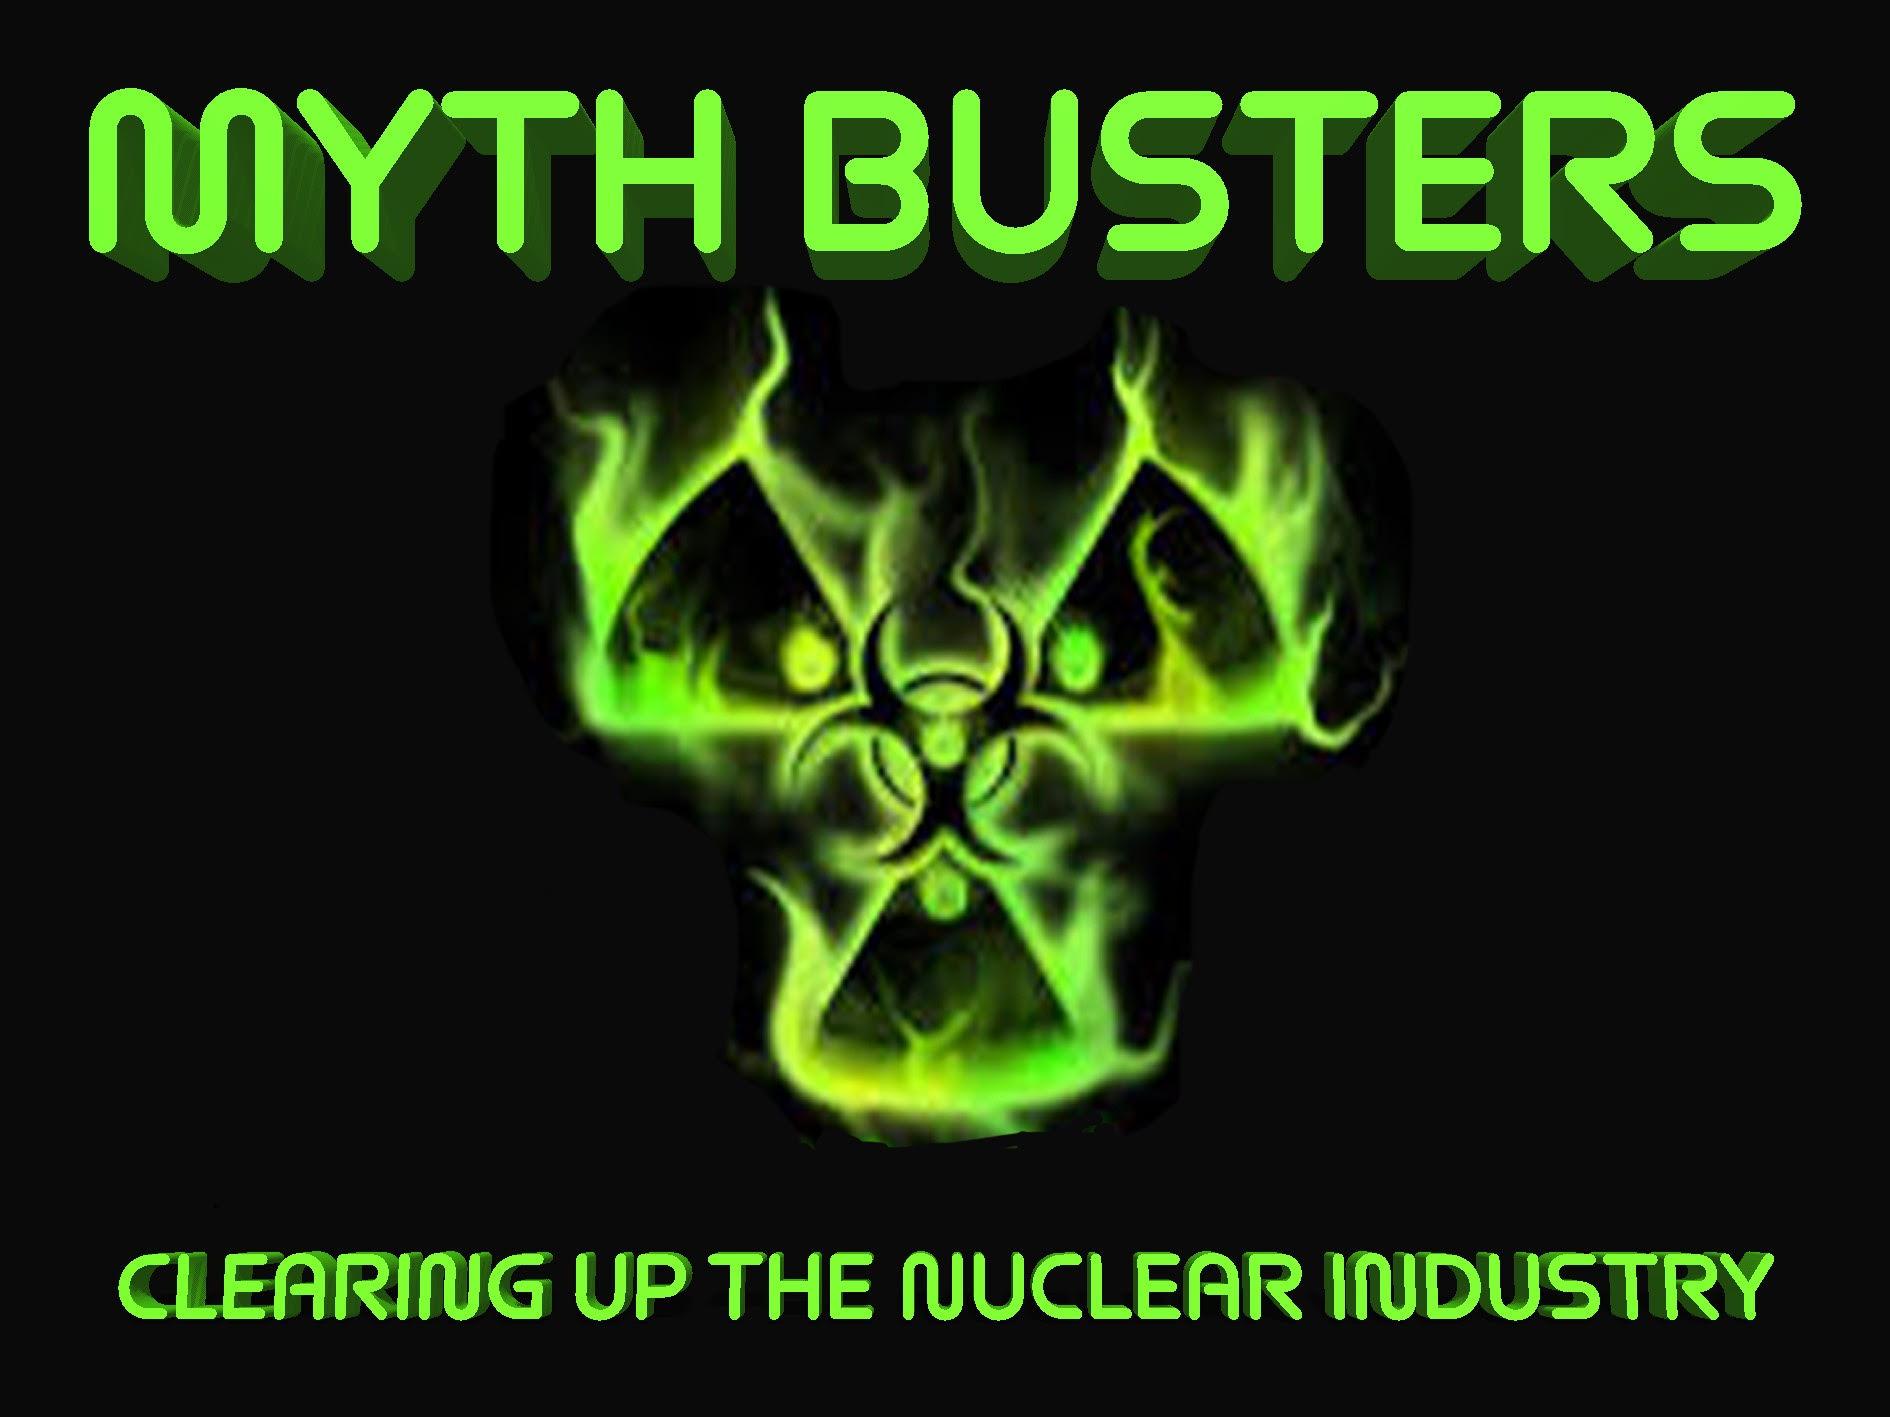 Myth busting nuclear